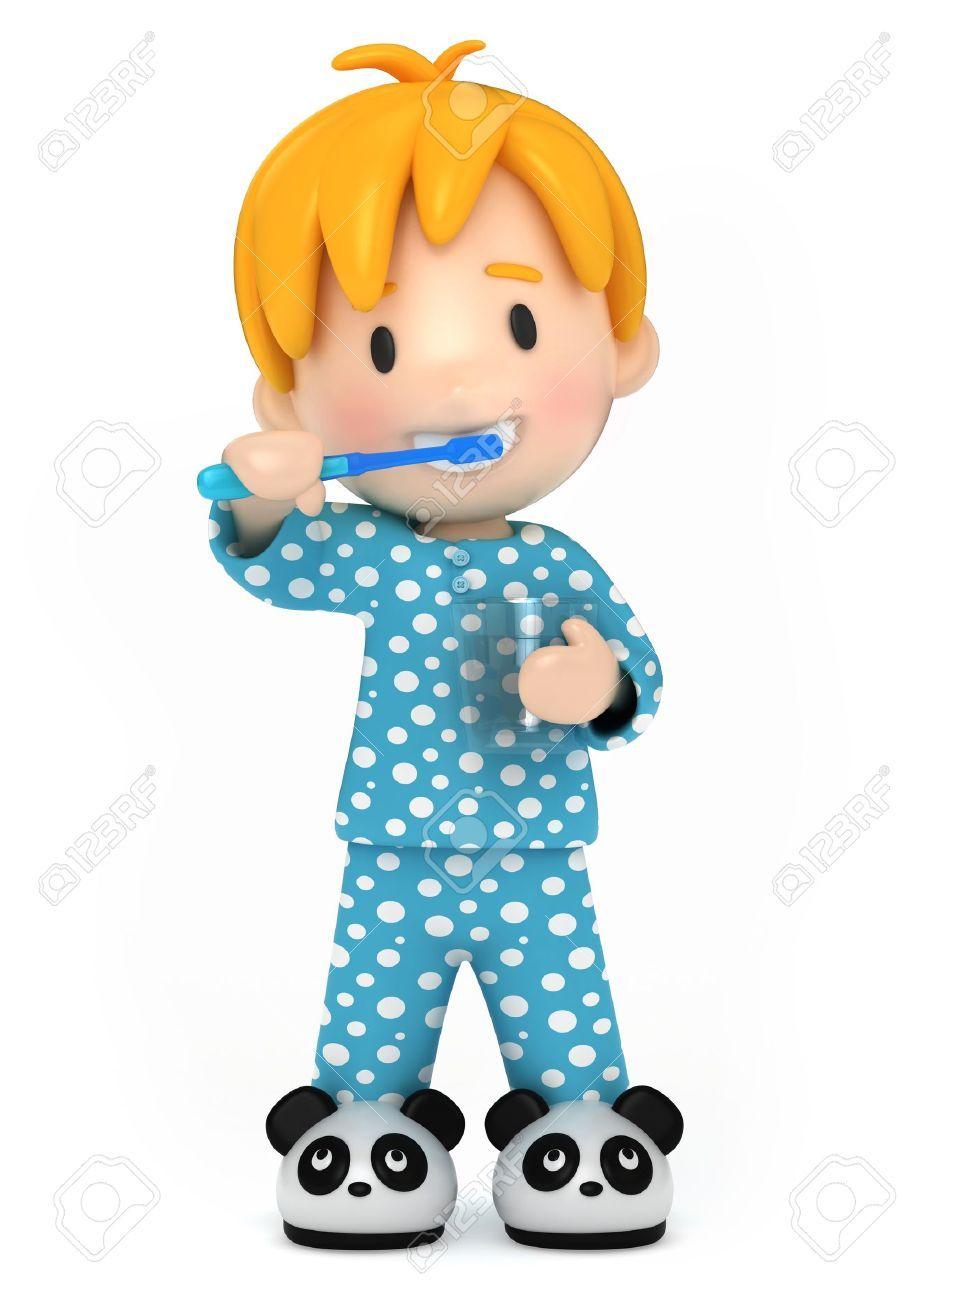 Resultado De Imagen Para Dibujos De Ninos En Pijama Dibujos Para Ninos Cosas De Ninos Ninos